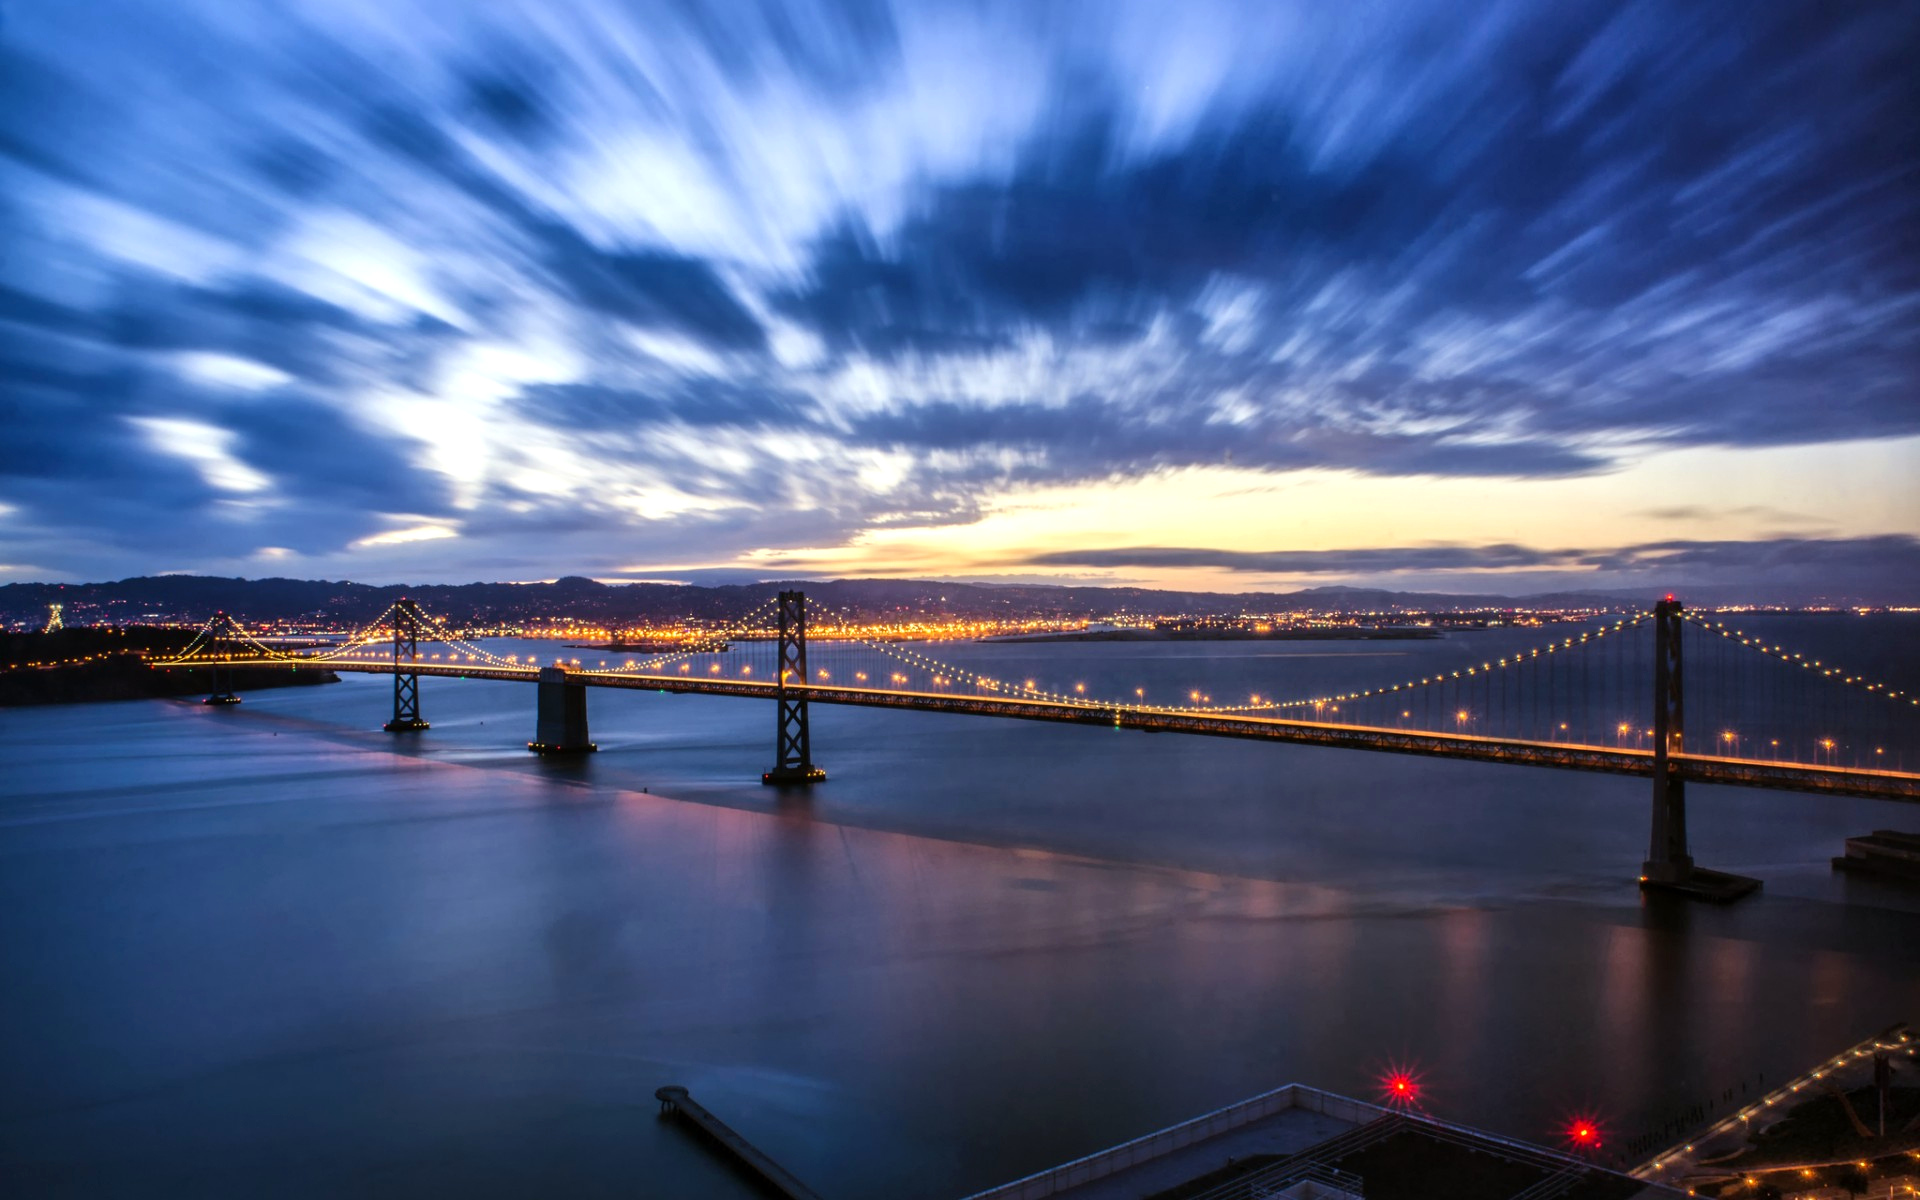 Evening Crossing, Bay Bridge, San Francisco, California загрузить